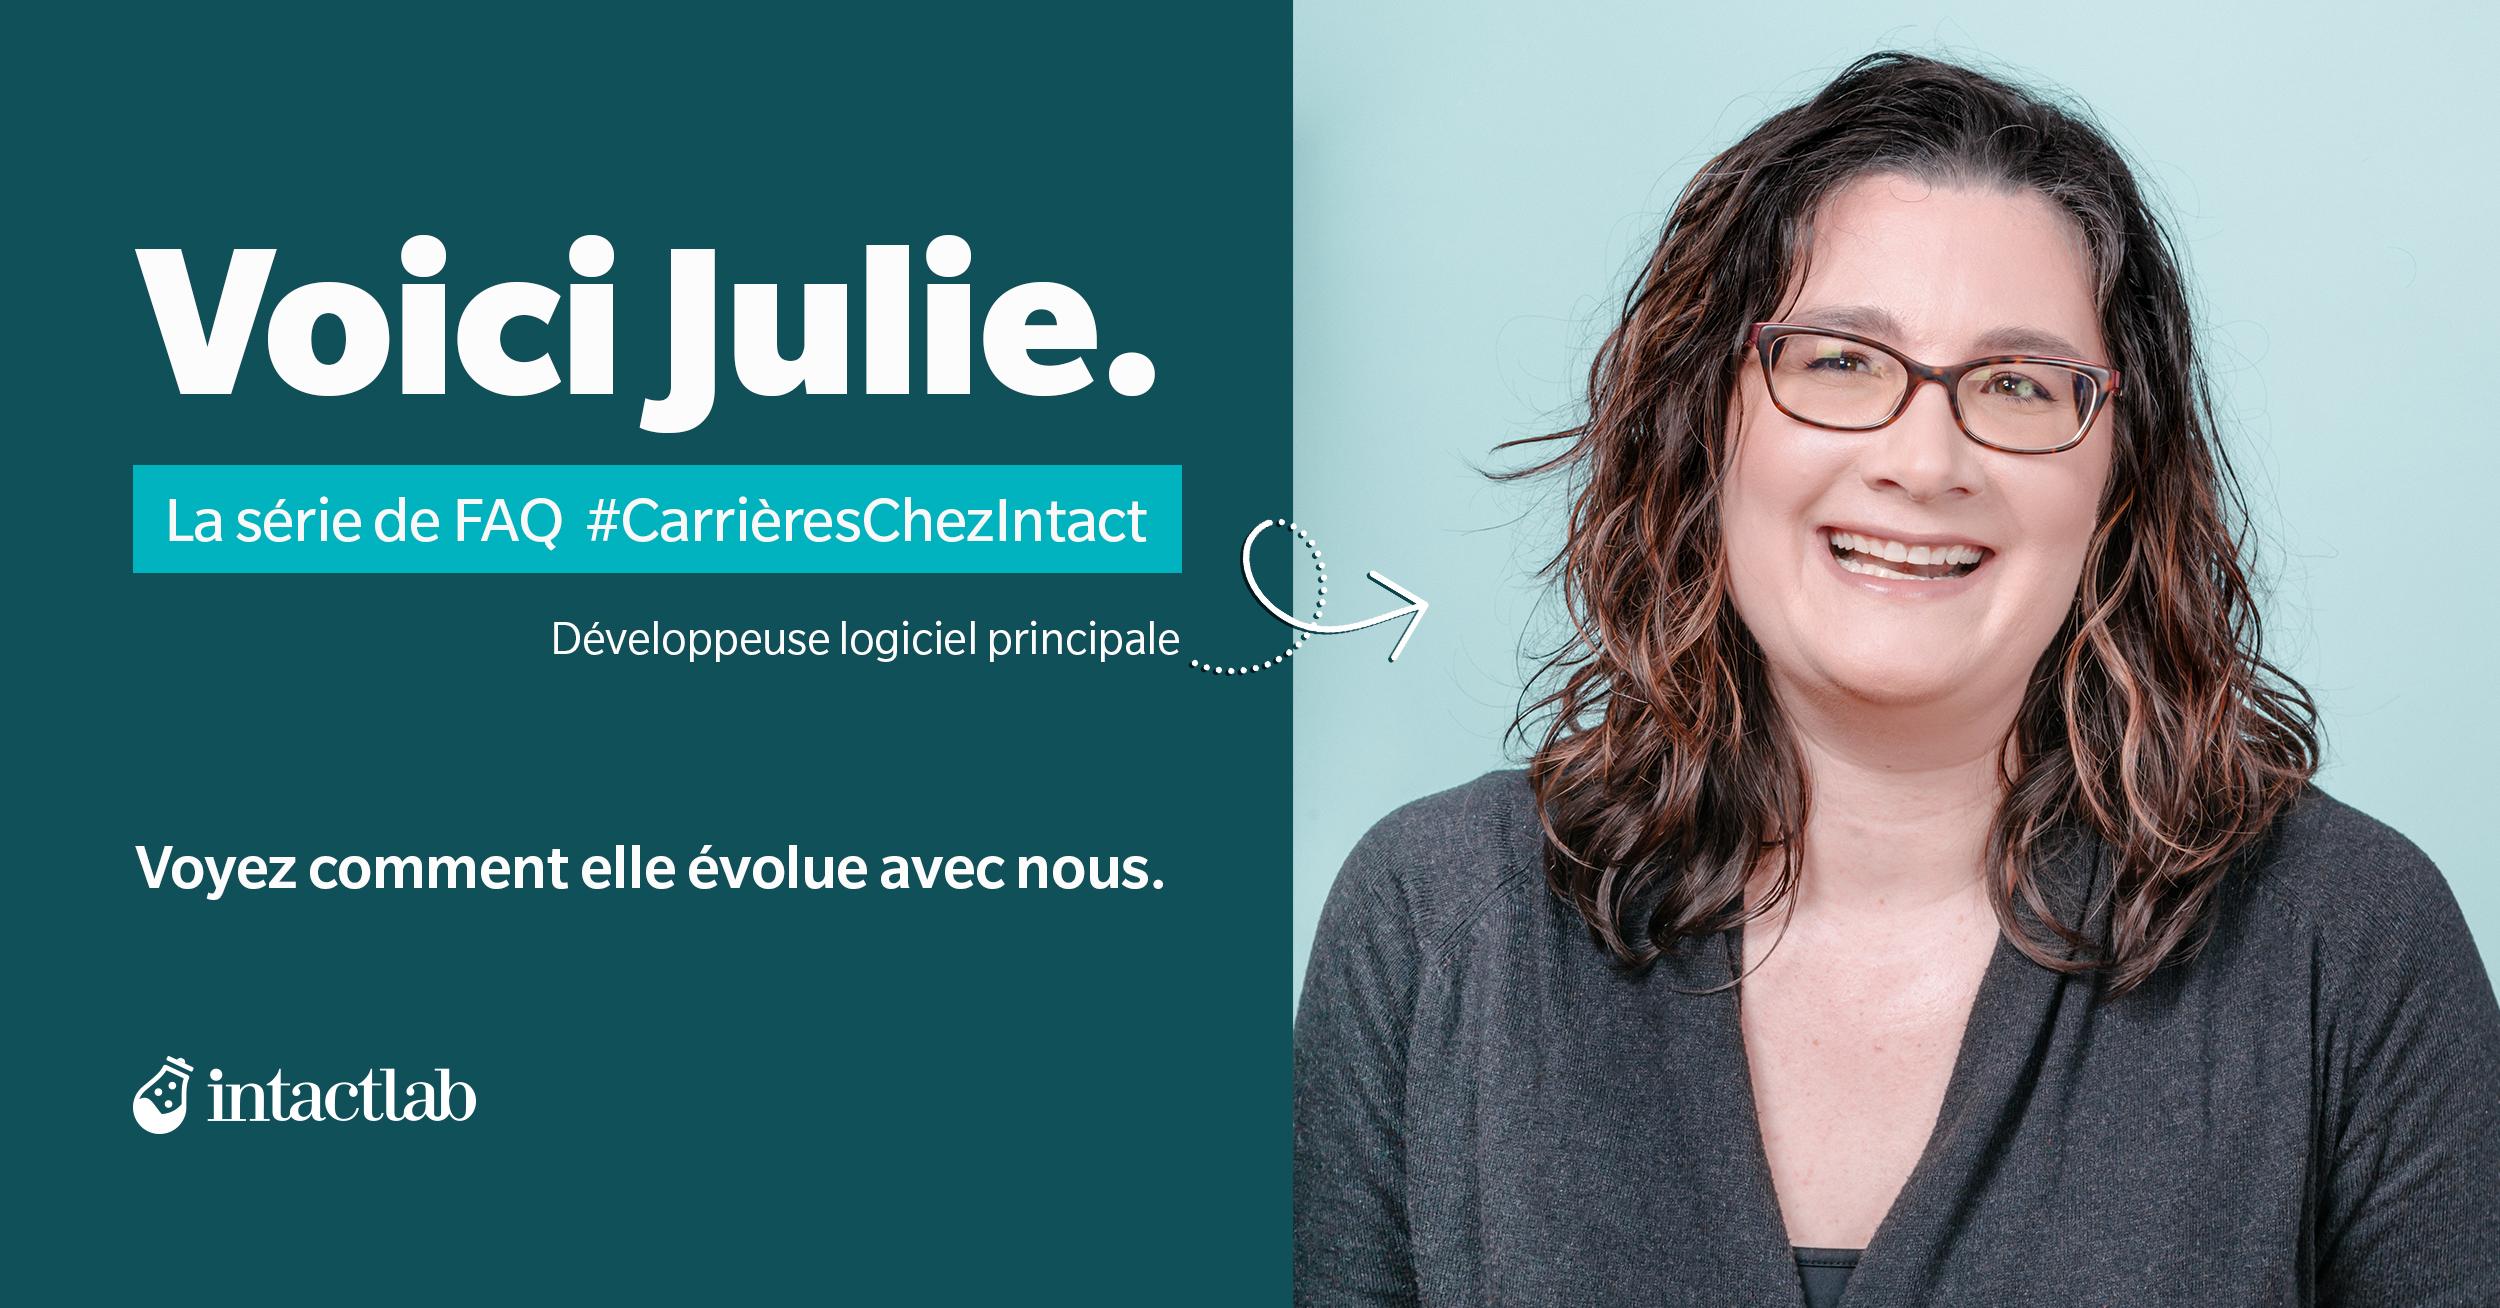 La série de FAQ #CarrièresChezIntact